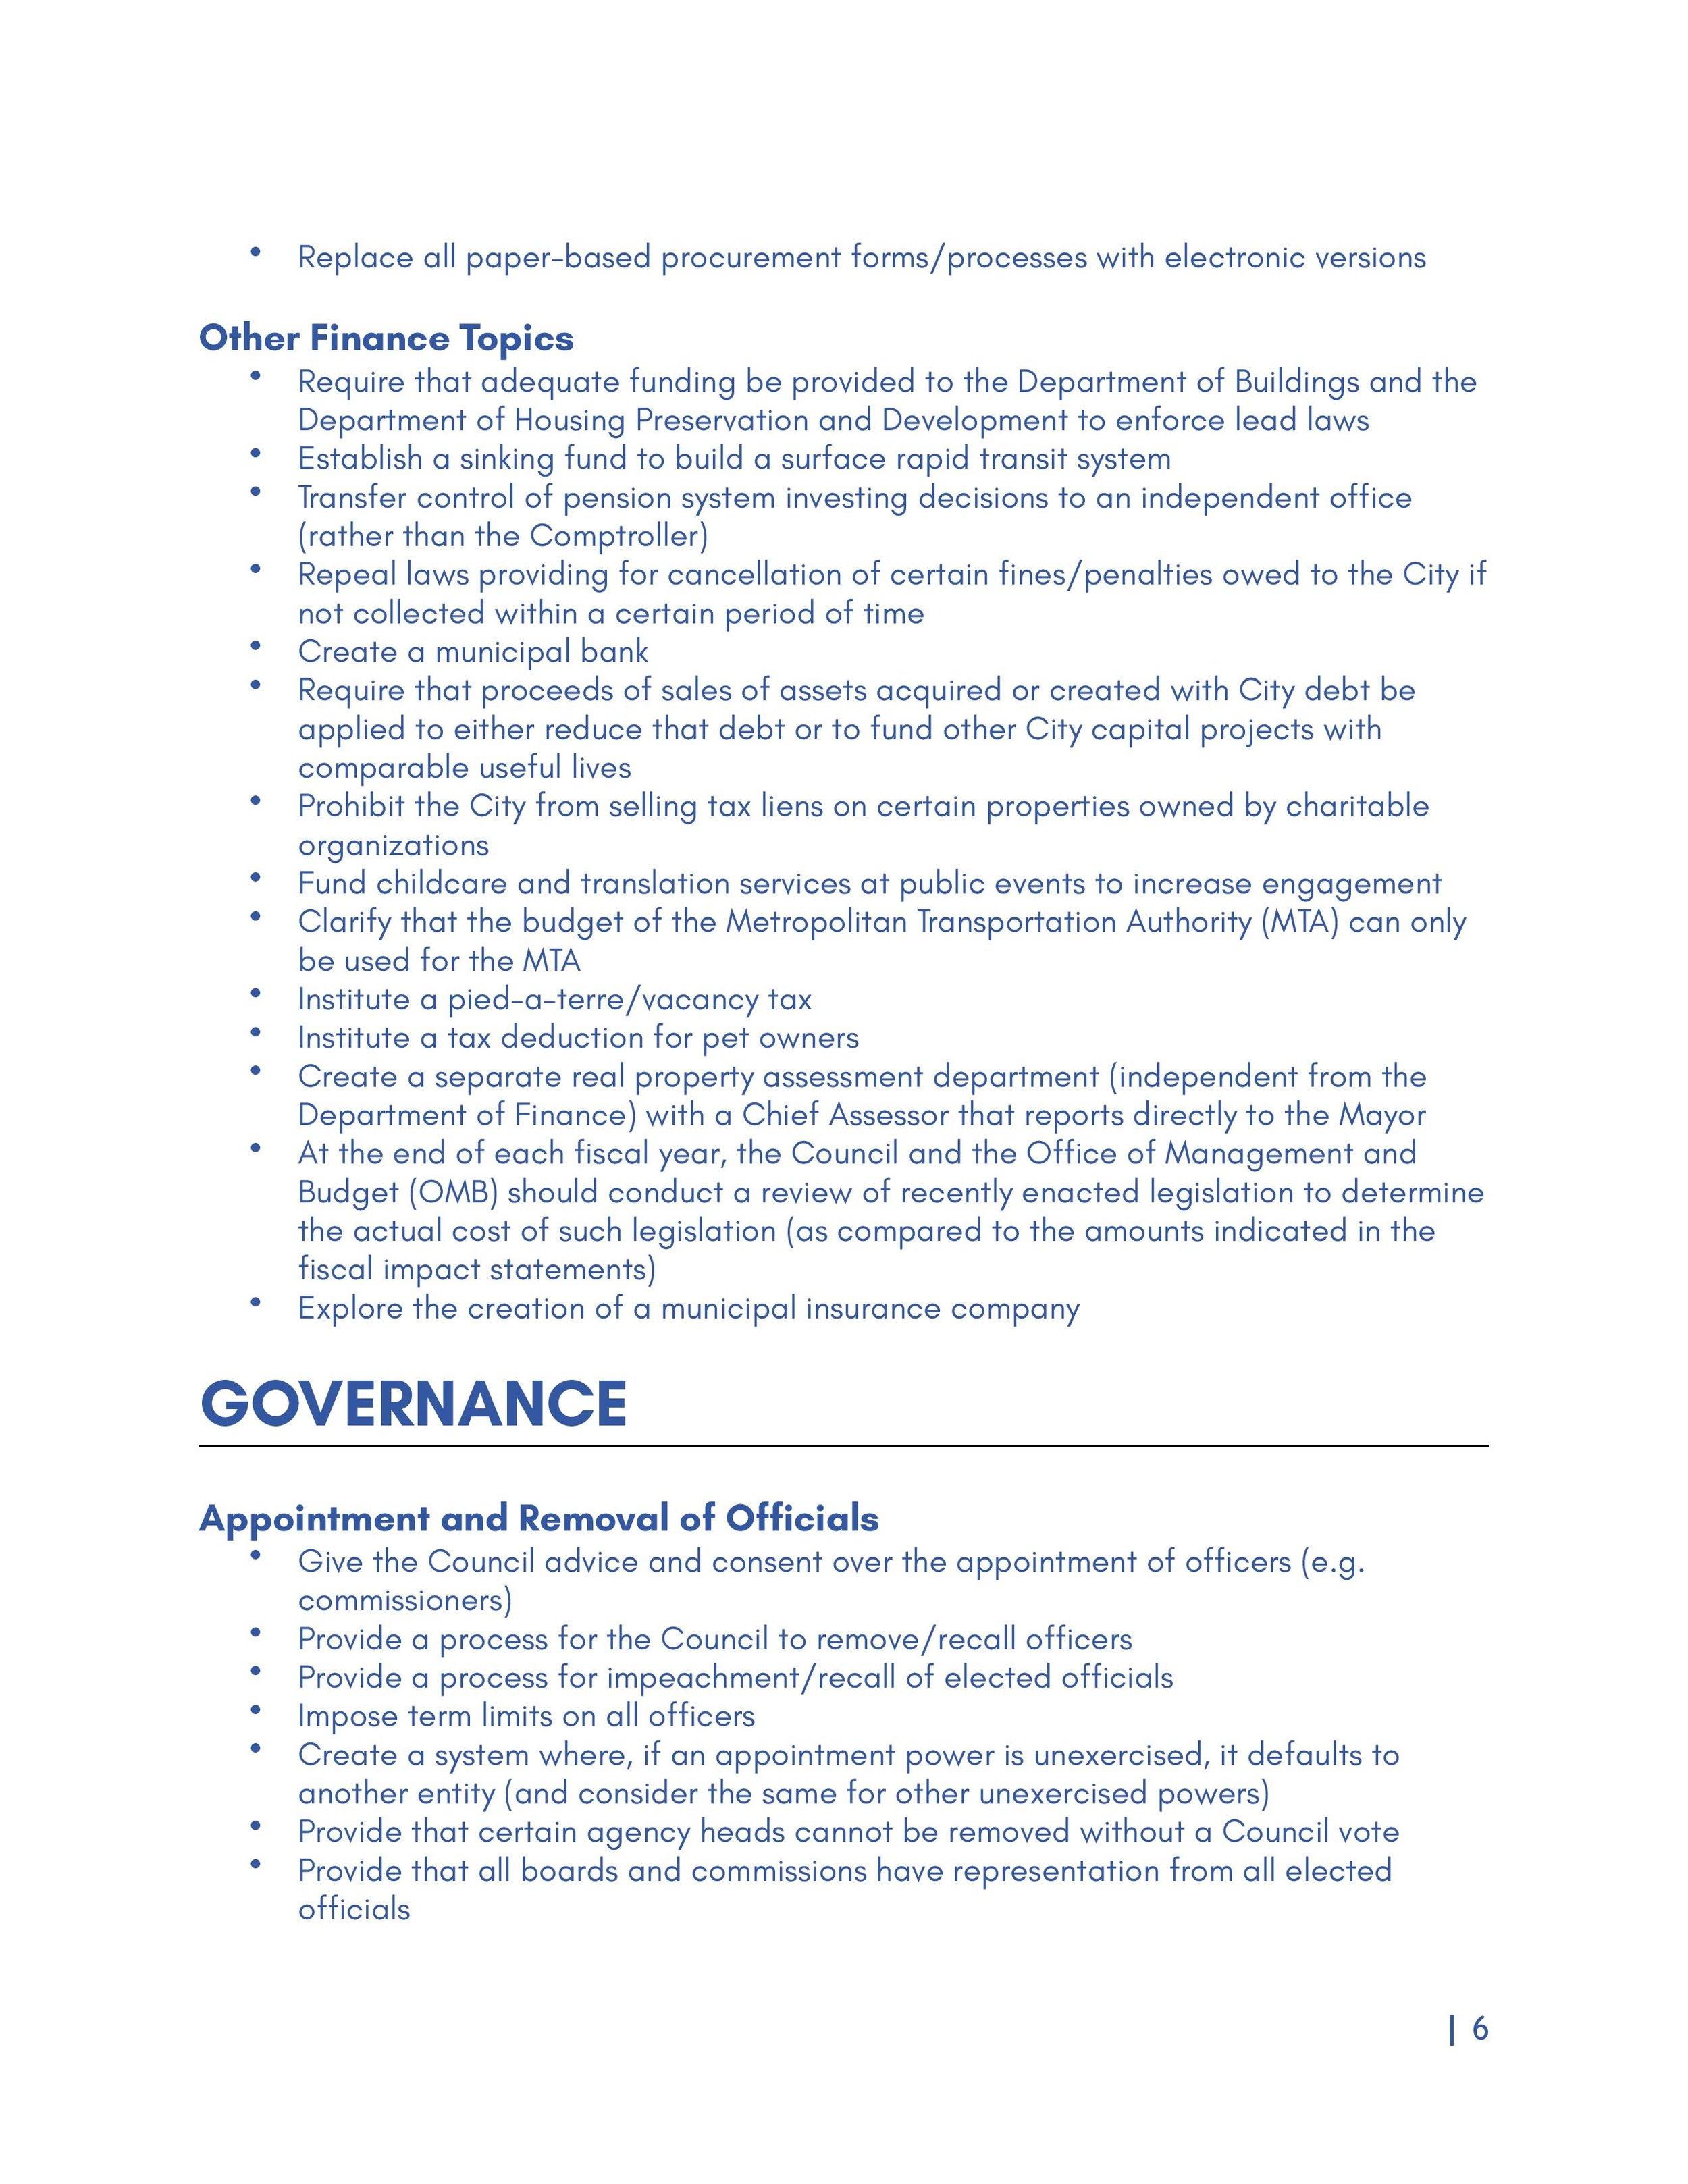 Proposals-page-006.jpg